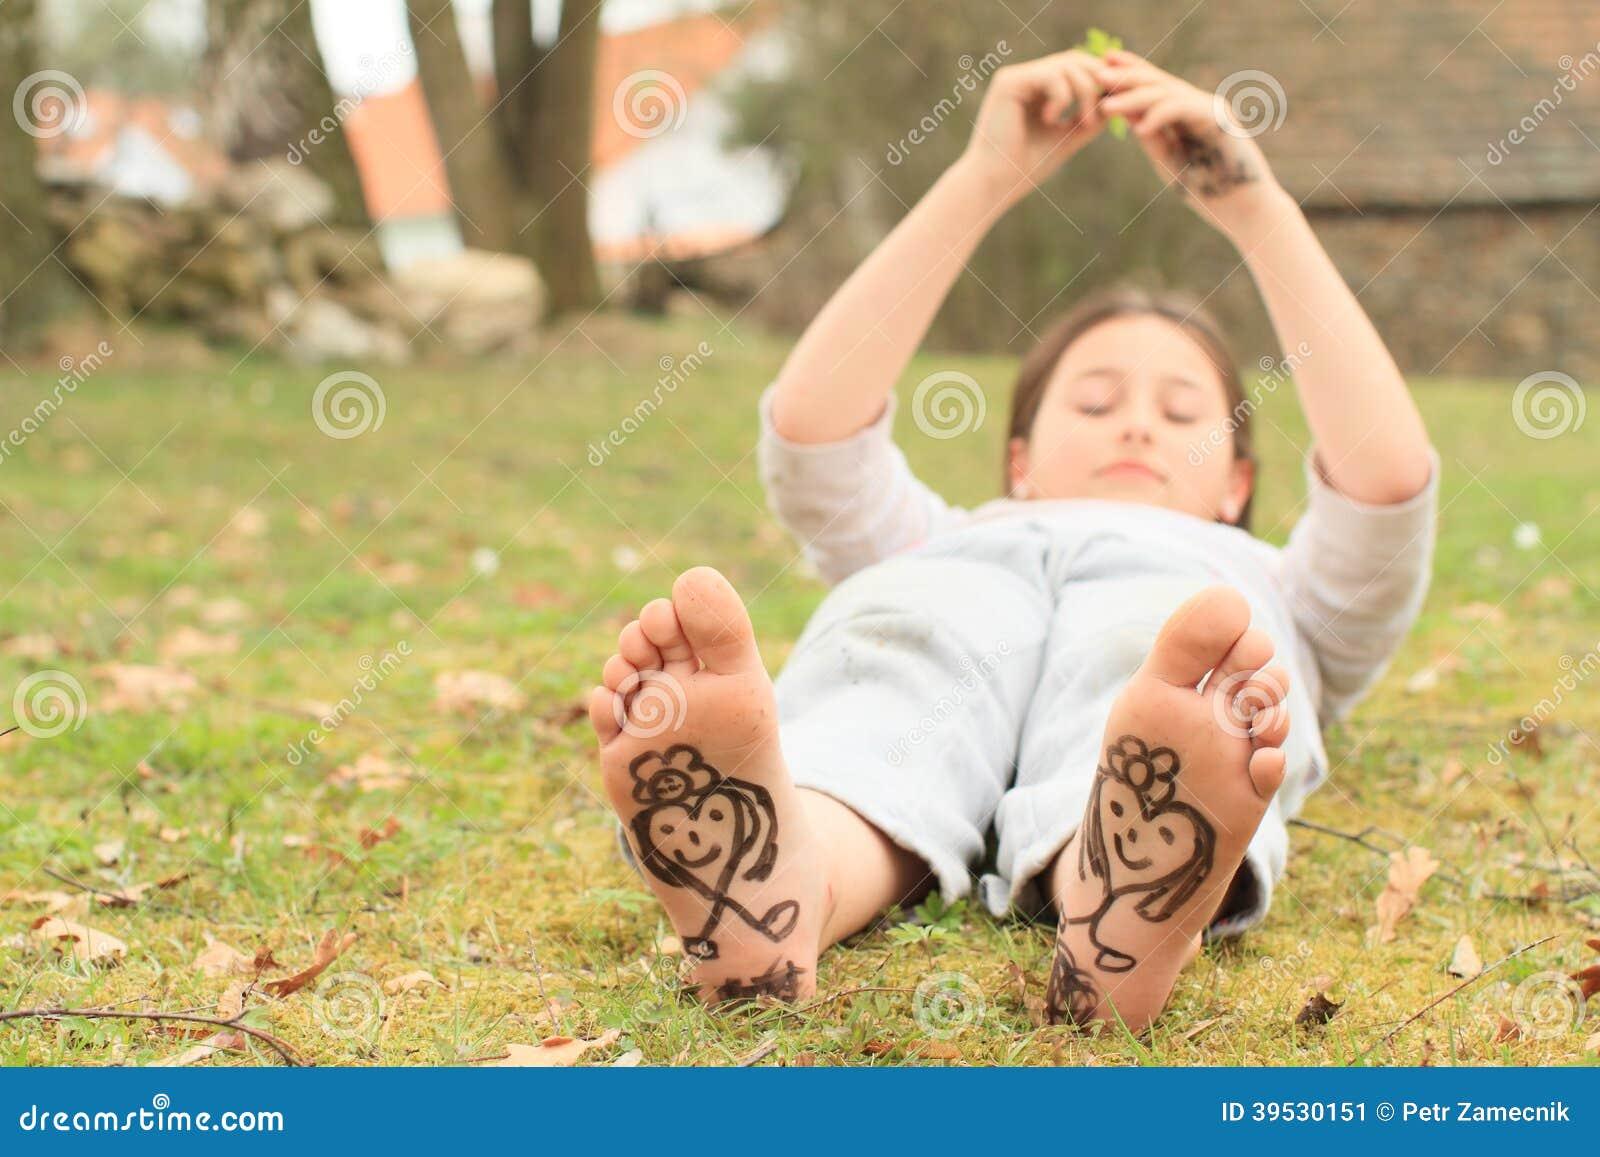 ebony bare feet nude